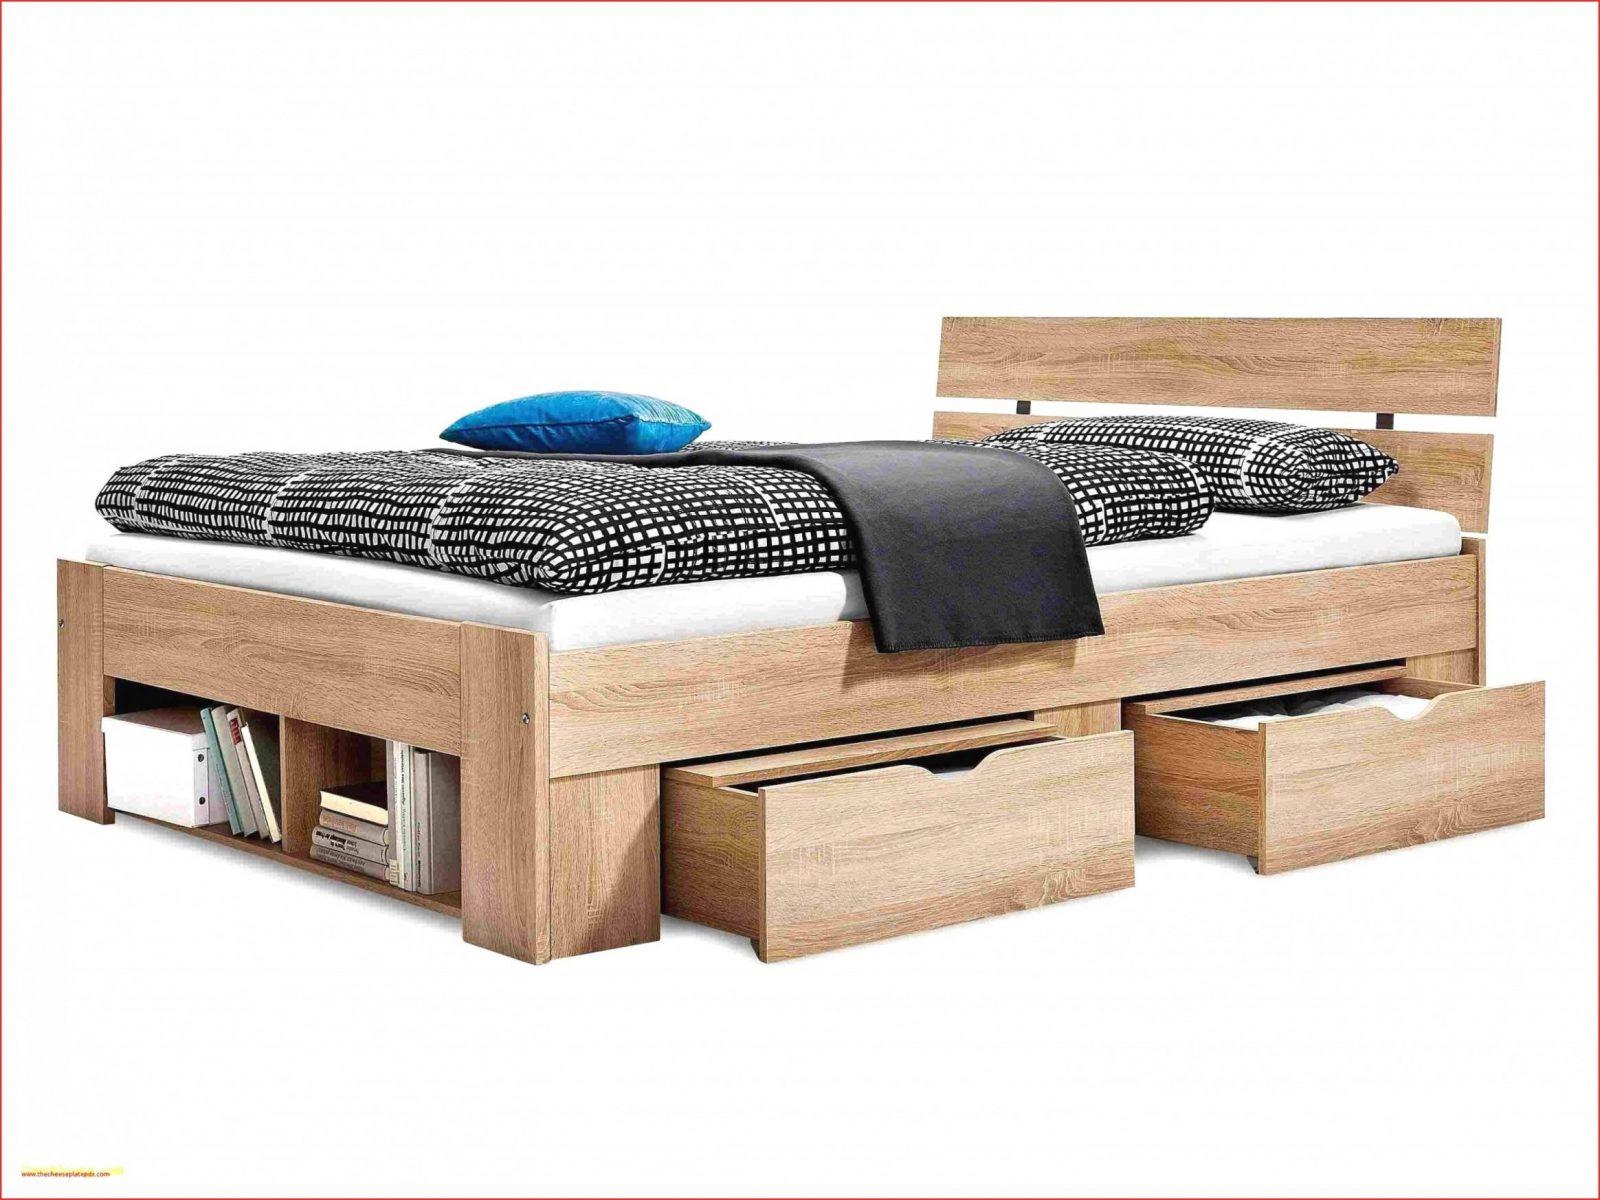 Bett Günstig Kaufen Einzigartig Bett Mit Matratze Günstig Mehr 37 von Bett Komplett Günstig Kaufen Bild